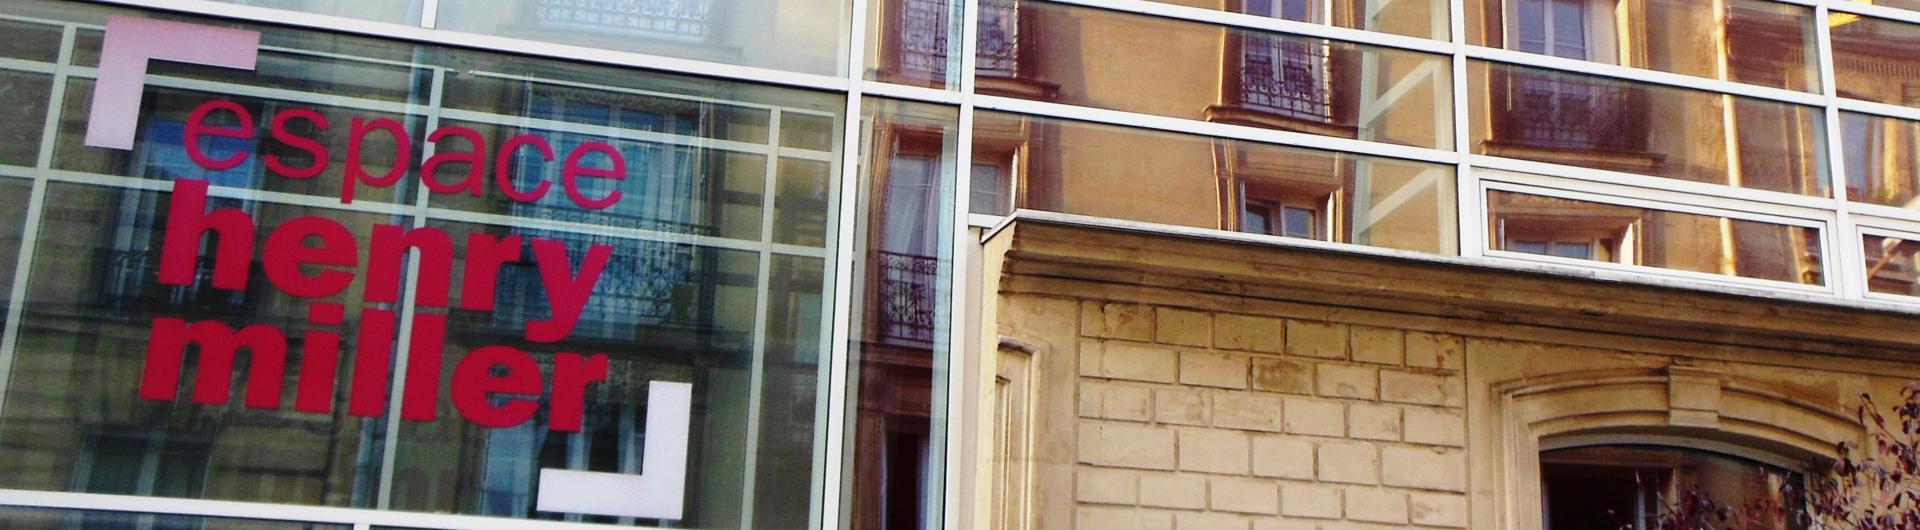 Espace henry miller ot clichy - Office de tourisme de clichy ...